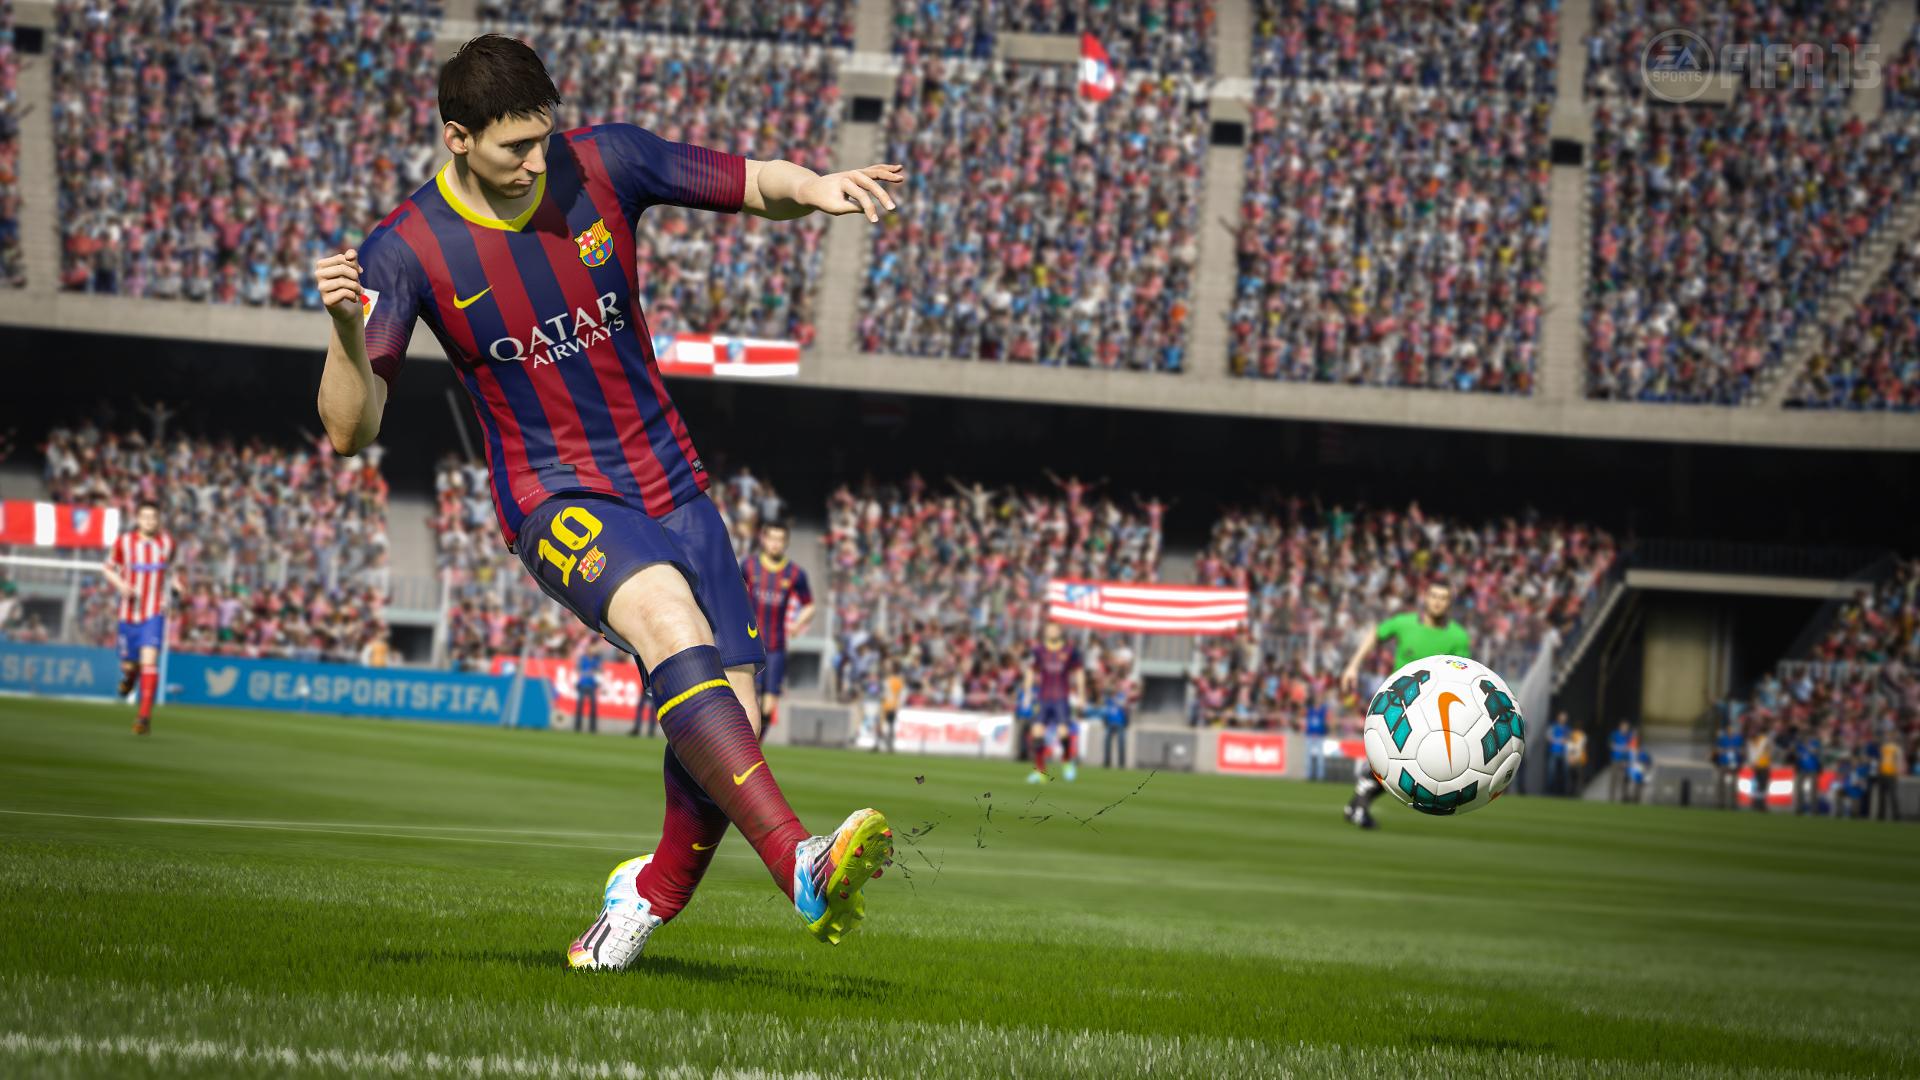 FIFA 15 - Lionel Messi